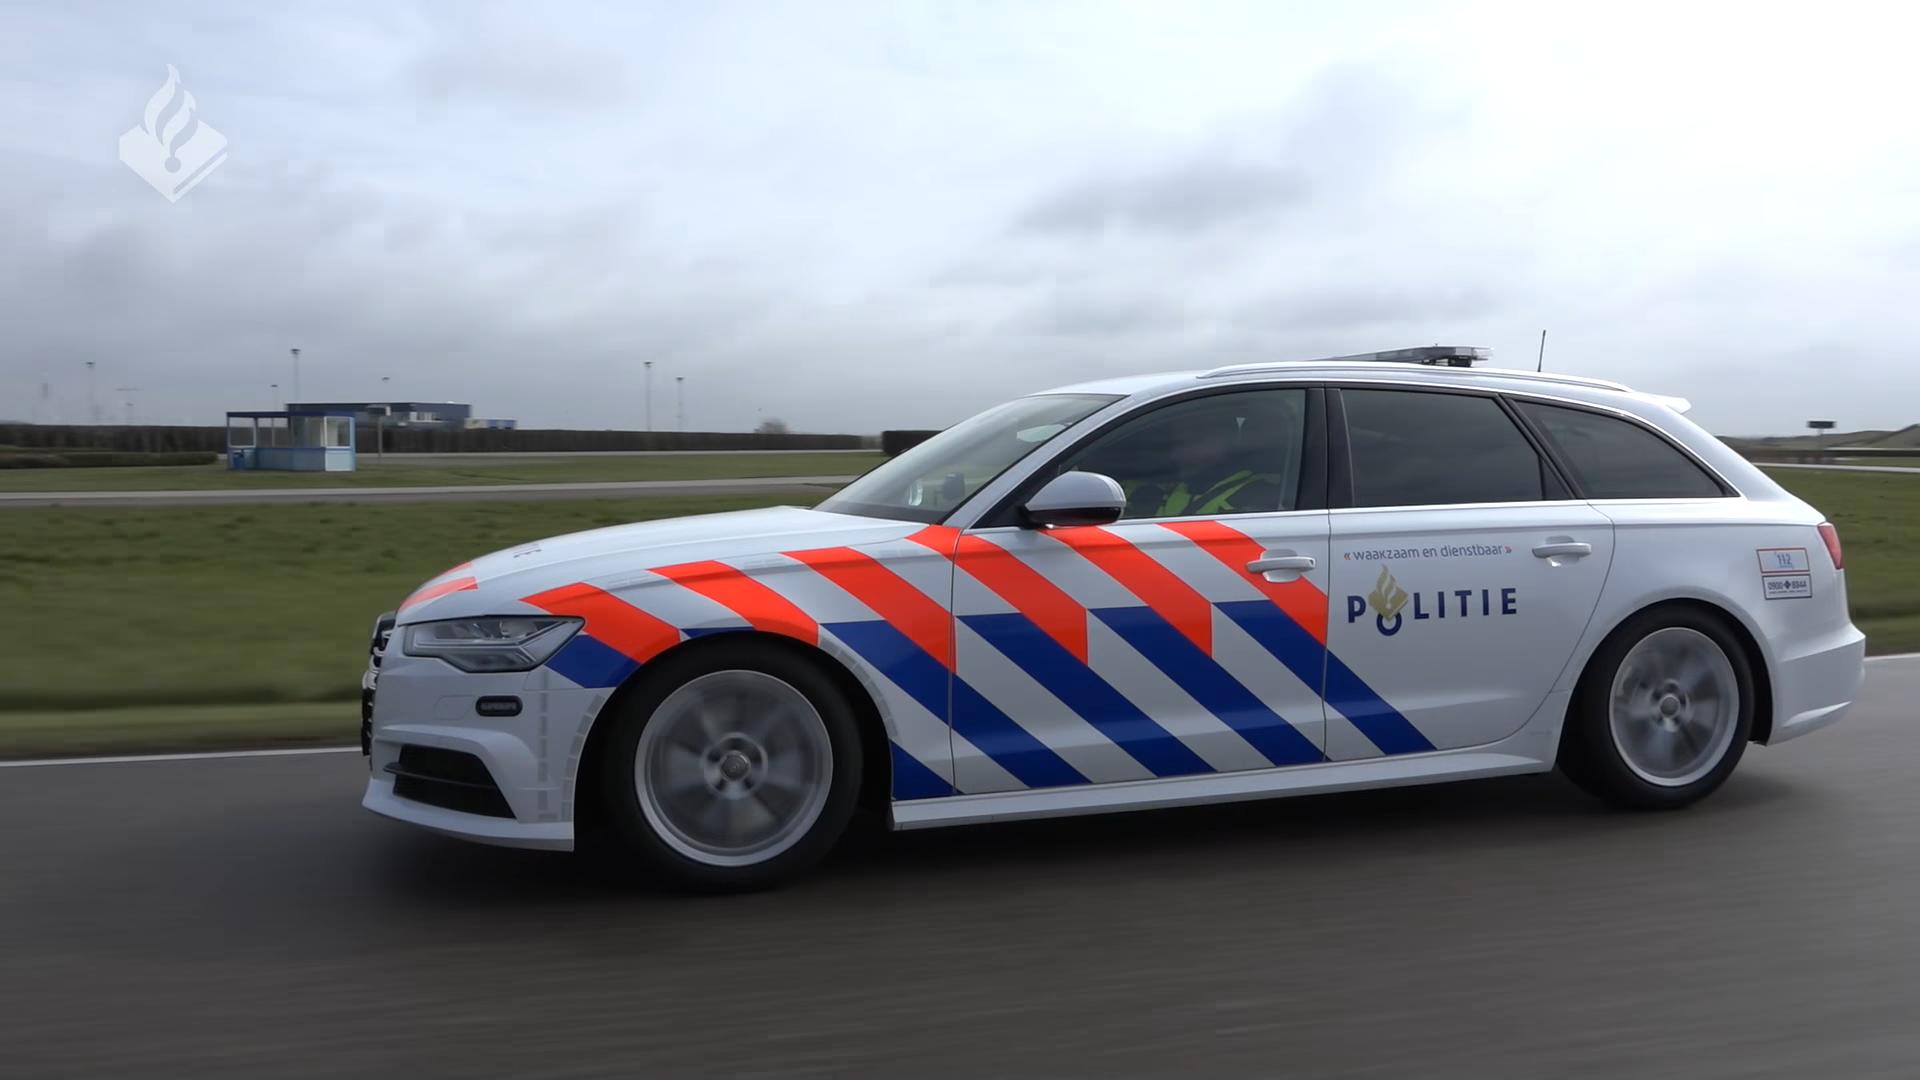 Audi A6 Van De Politie Vs De Ramkraak Rs En Topgear